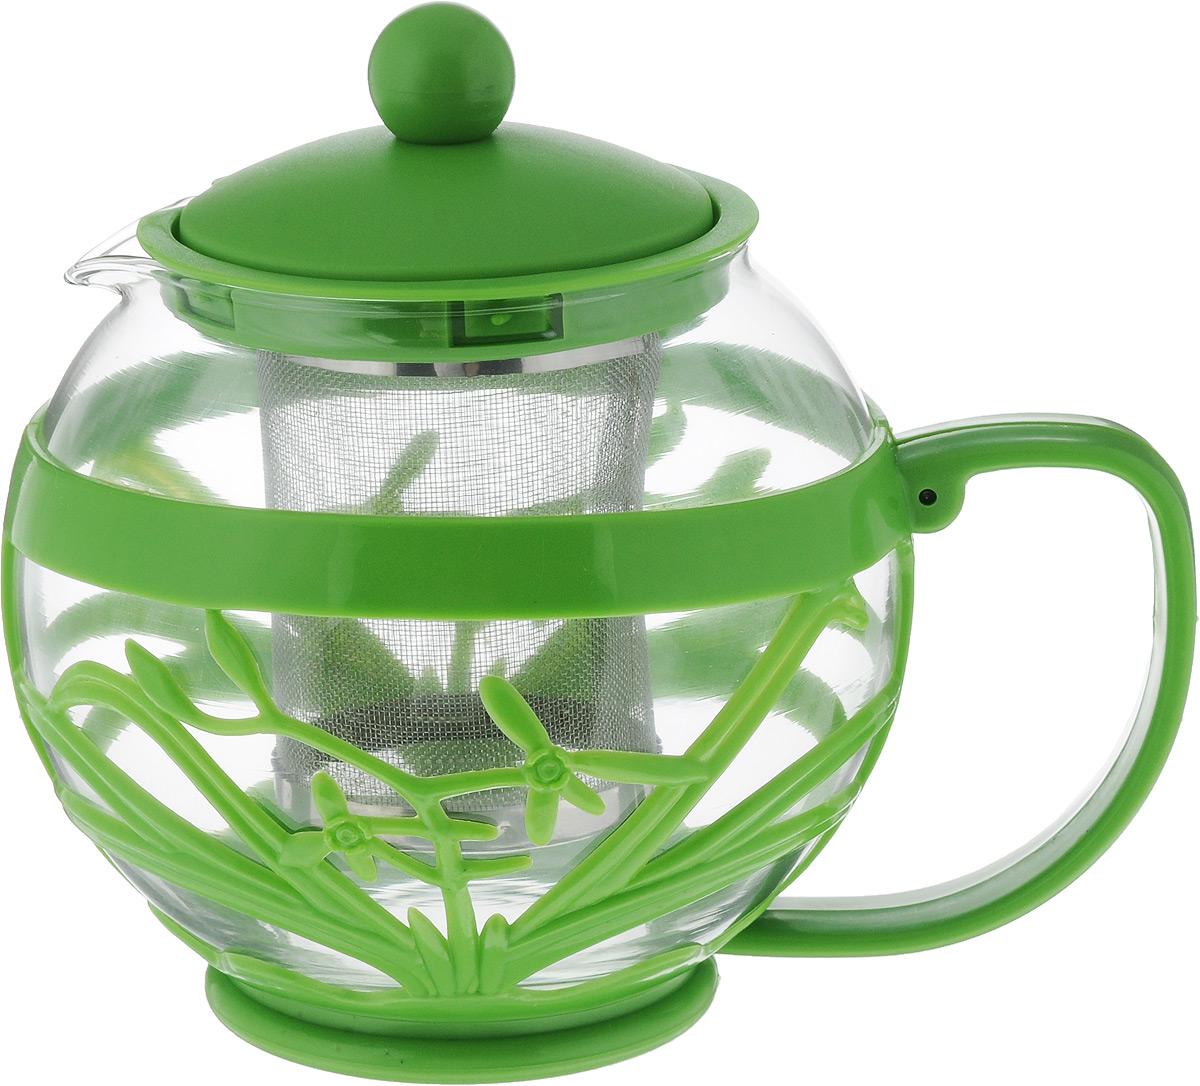 Чайник заварочный Menu Мелисса, с фильтром, цвет: прозрачный, зеленый, 750 мл391602Чайник Menu Мелисса изготовлен из прочного стекла и пластика. Он прекрасно подойдет для заваривания чая и травяных напитков. Классический стиль и оптимальный объем делают его удобным и оригинальным аксессуаром. Изделие имеет удлиненный металлический фильтр, который обеспечивает высокое качество фильтрации напитка и позволяет заварить чай даже при небольшом уровне воды. Ручка чайника не нагревается и обеспечивает безопасность использования. Нельзя мыть в посудомоечной машине. Диаметр чайника (по верхнему краю): 8 см.Высота чайника (без учета крышки): 11 см.Размер фильтра: 6 х 6 х 7,2 см.